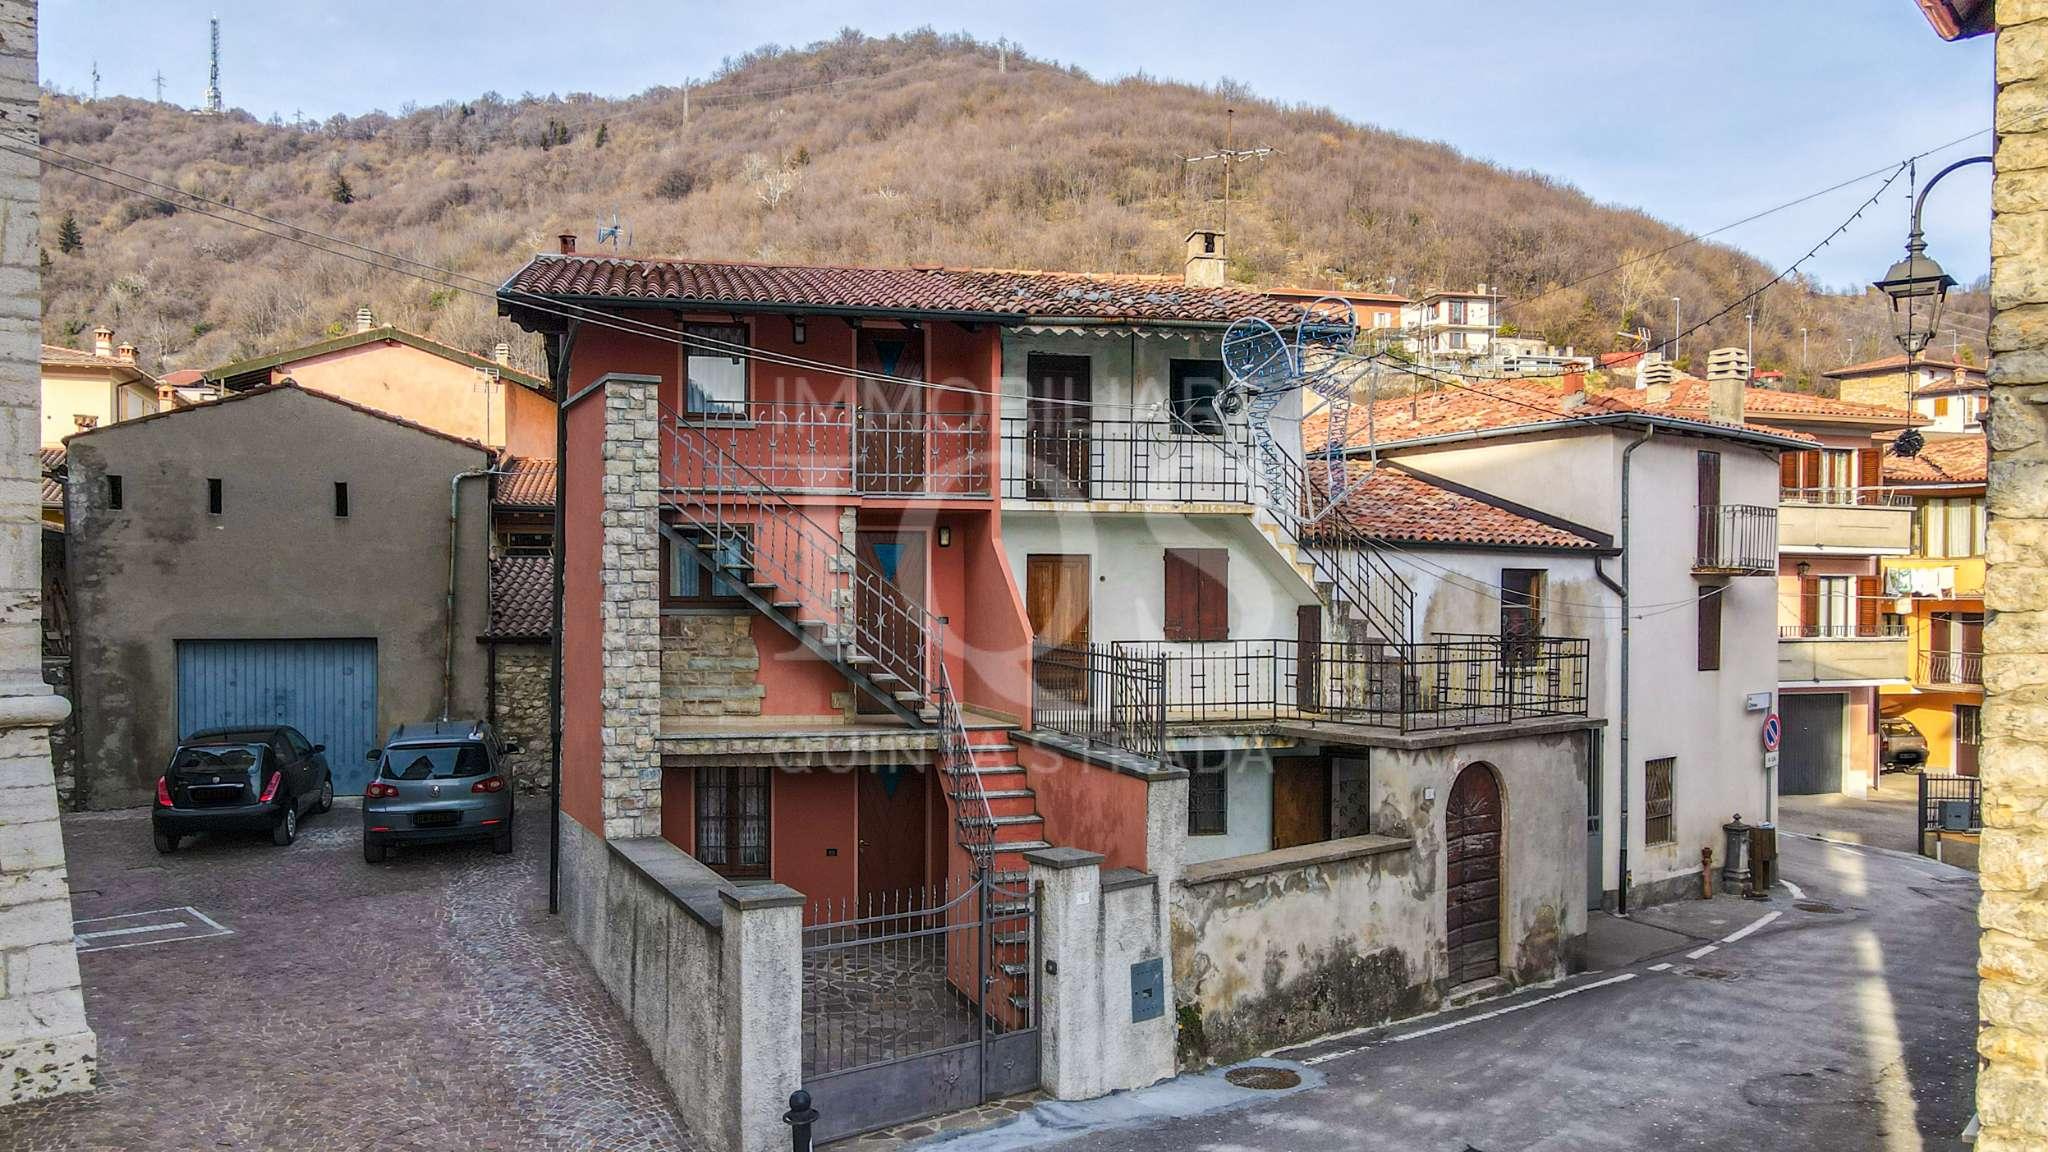 Soluzione Indipendente in vendita a Parzanica, 5 locali, prezzo € 98.000 | PortaleAgenzieImmobiliari.it